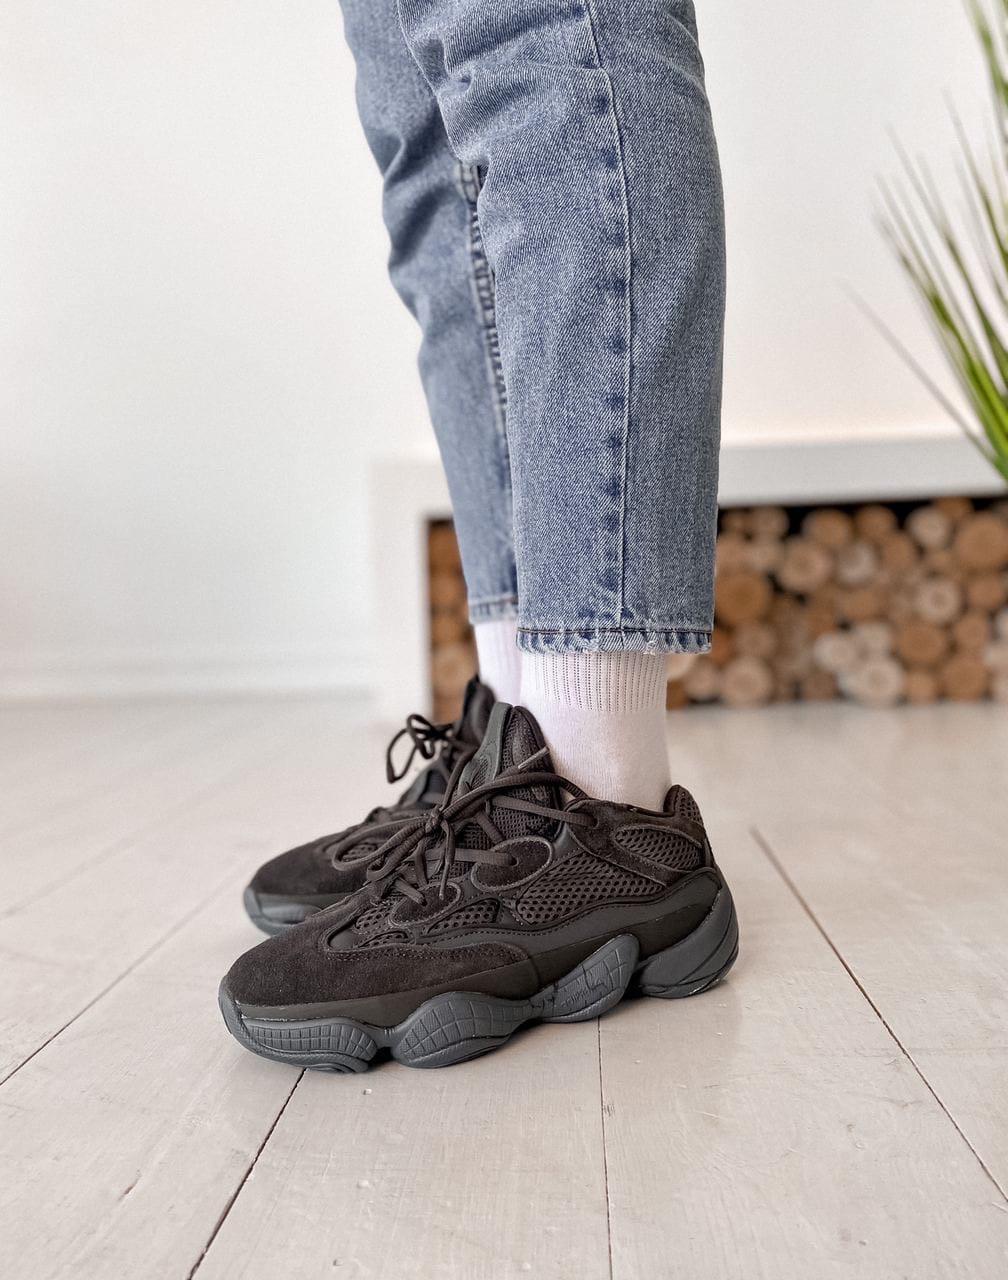 Женские кроссовки Adidas Yeezy 500 Utility Black Desert Rat Черные, Реплика